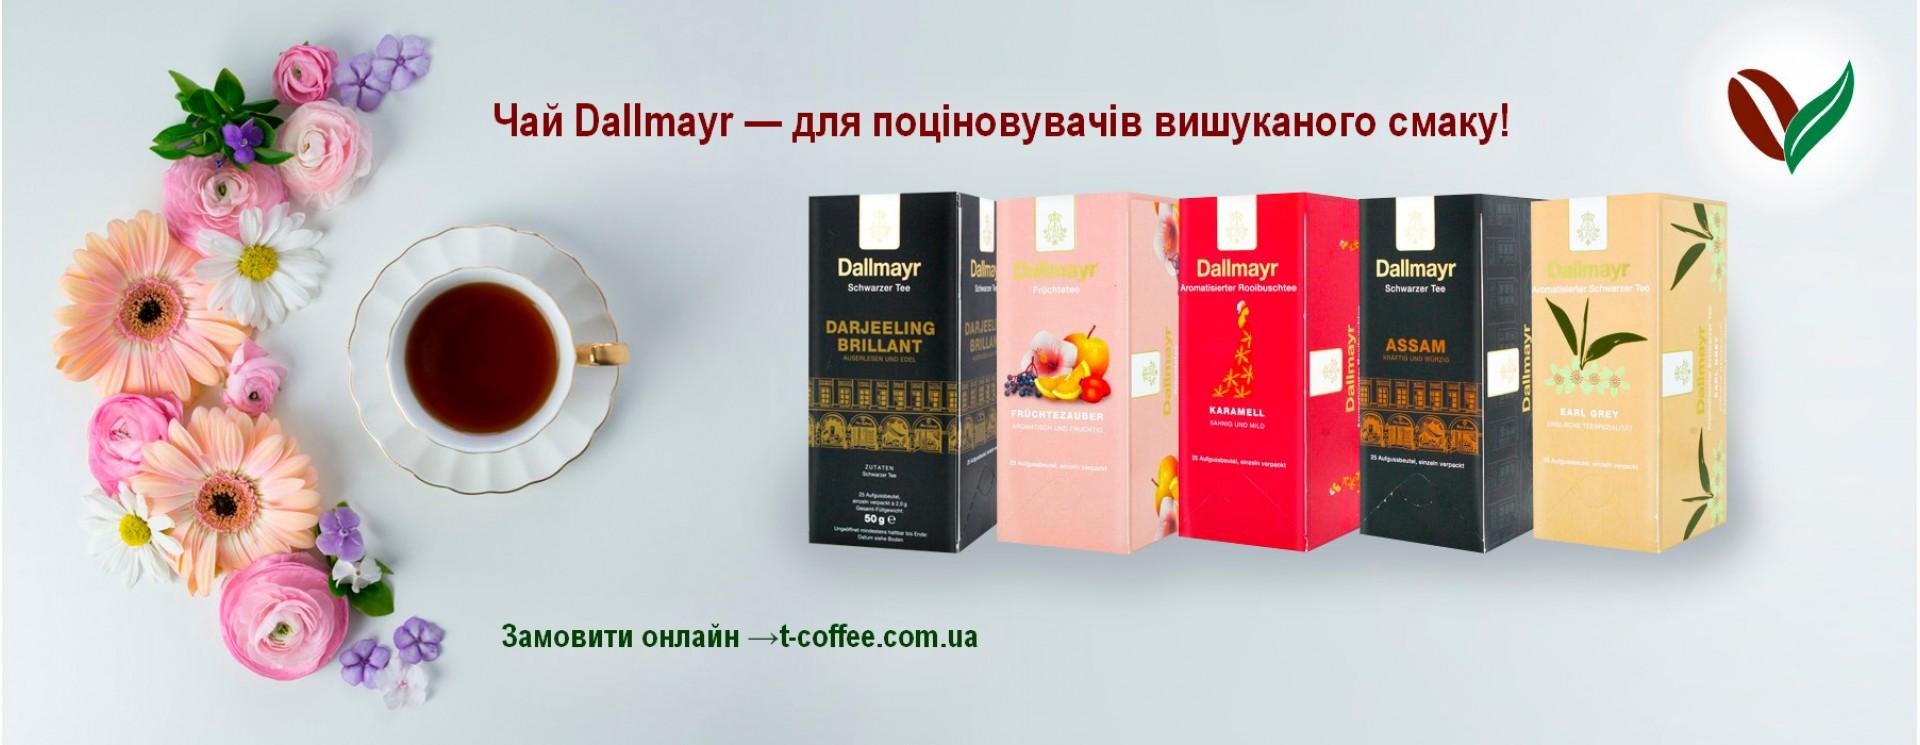 НОВИНКА! Чай Dallmayr у пакетиках.